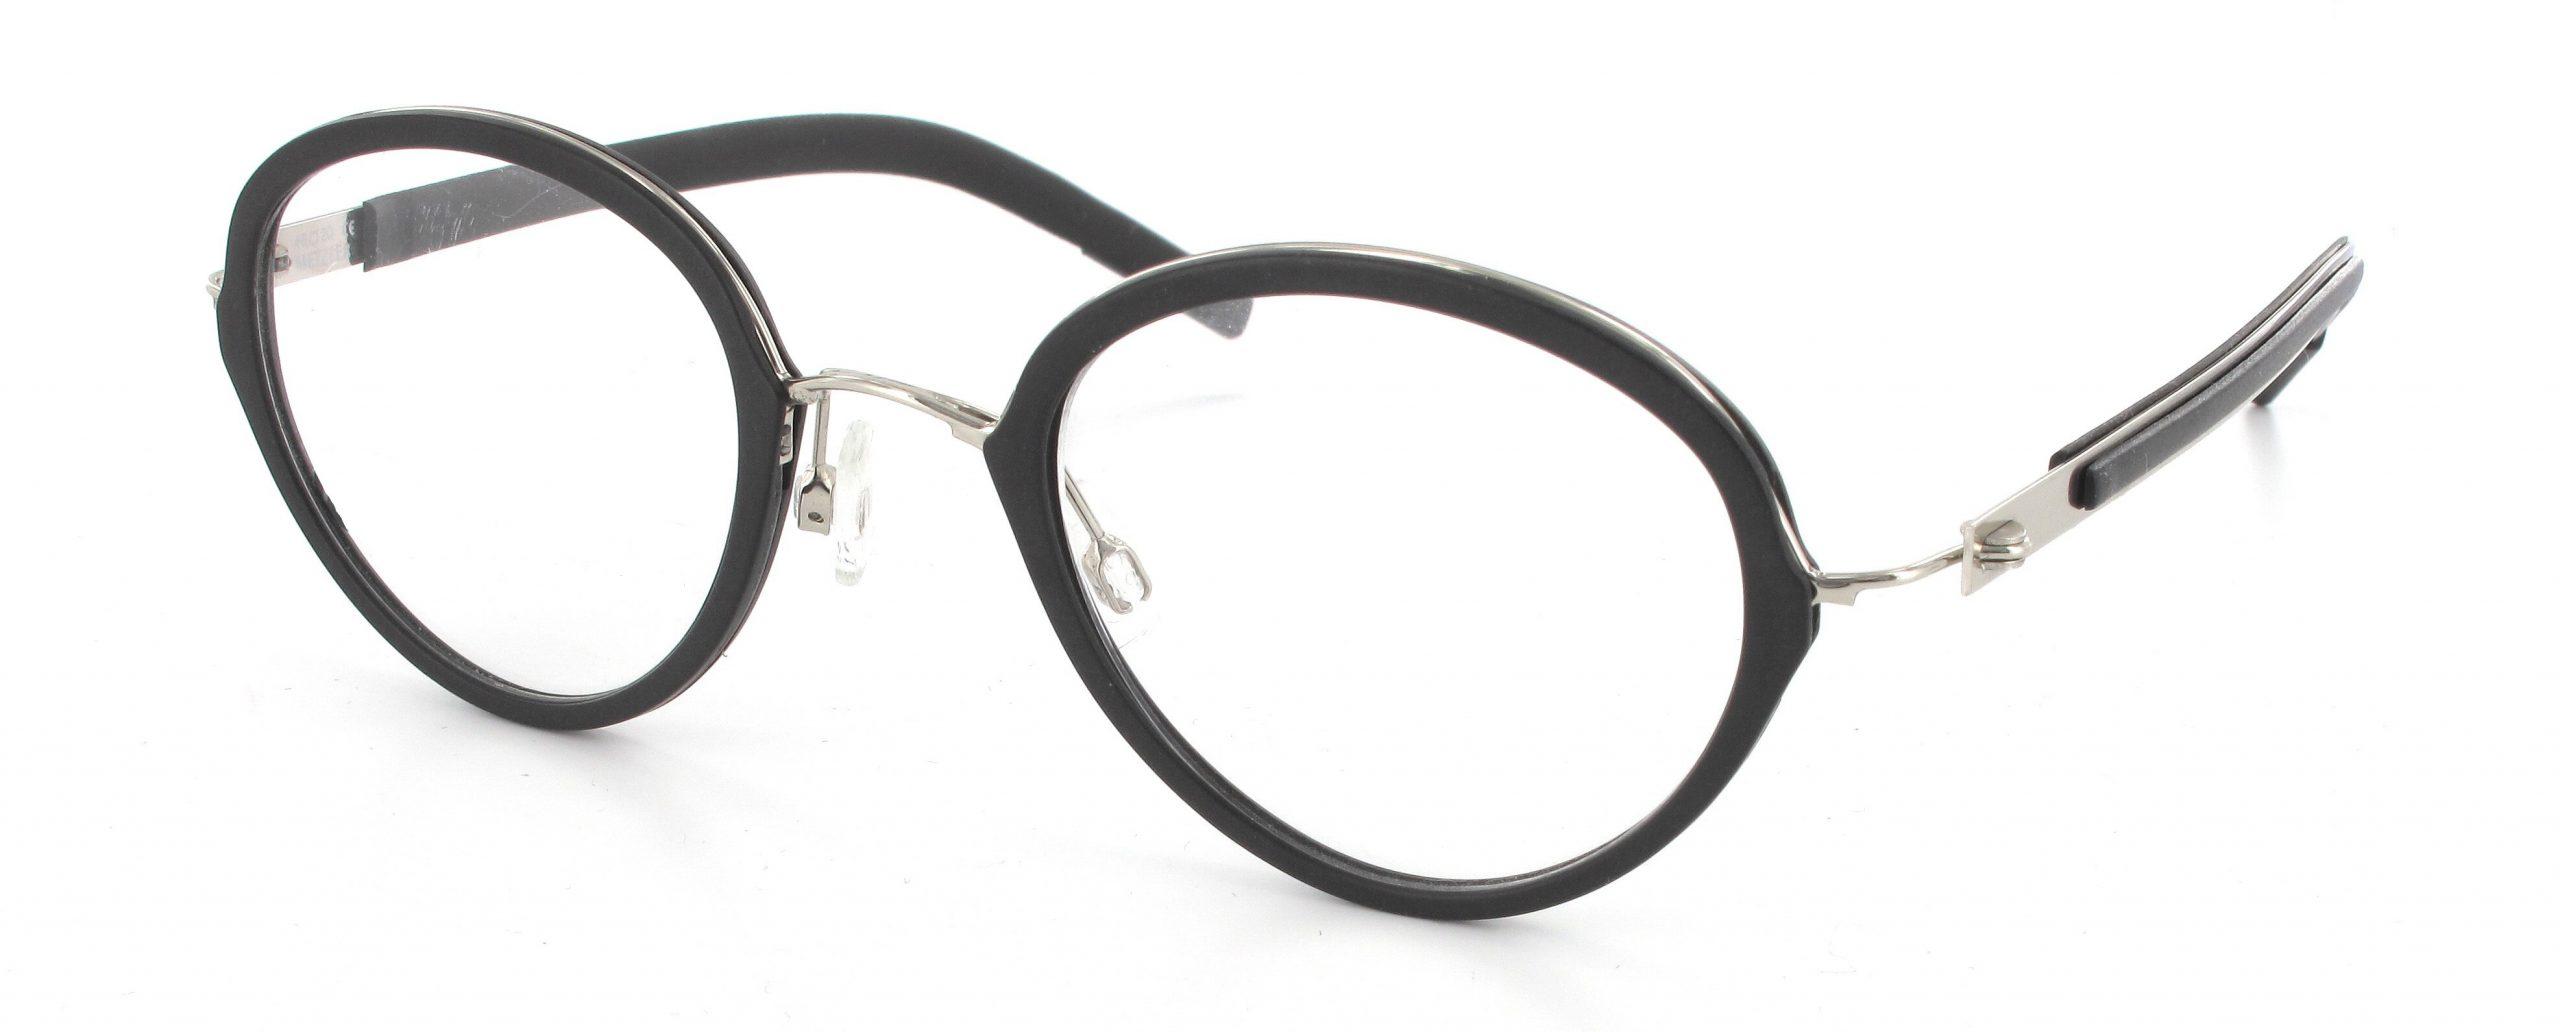 Leesbril Metzler 5050 C zwart